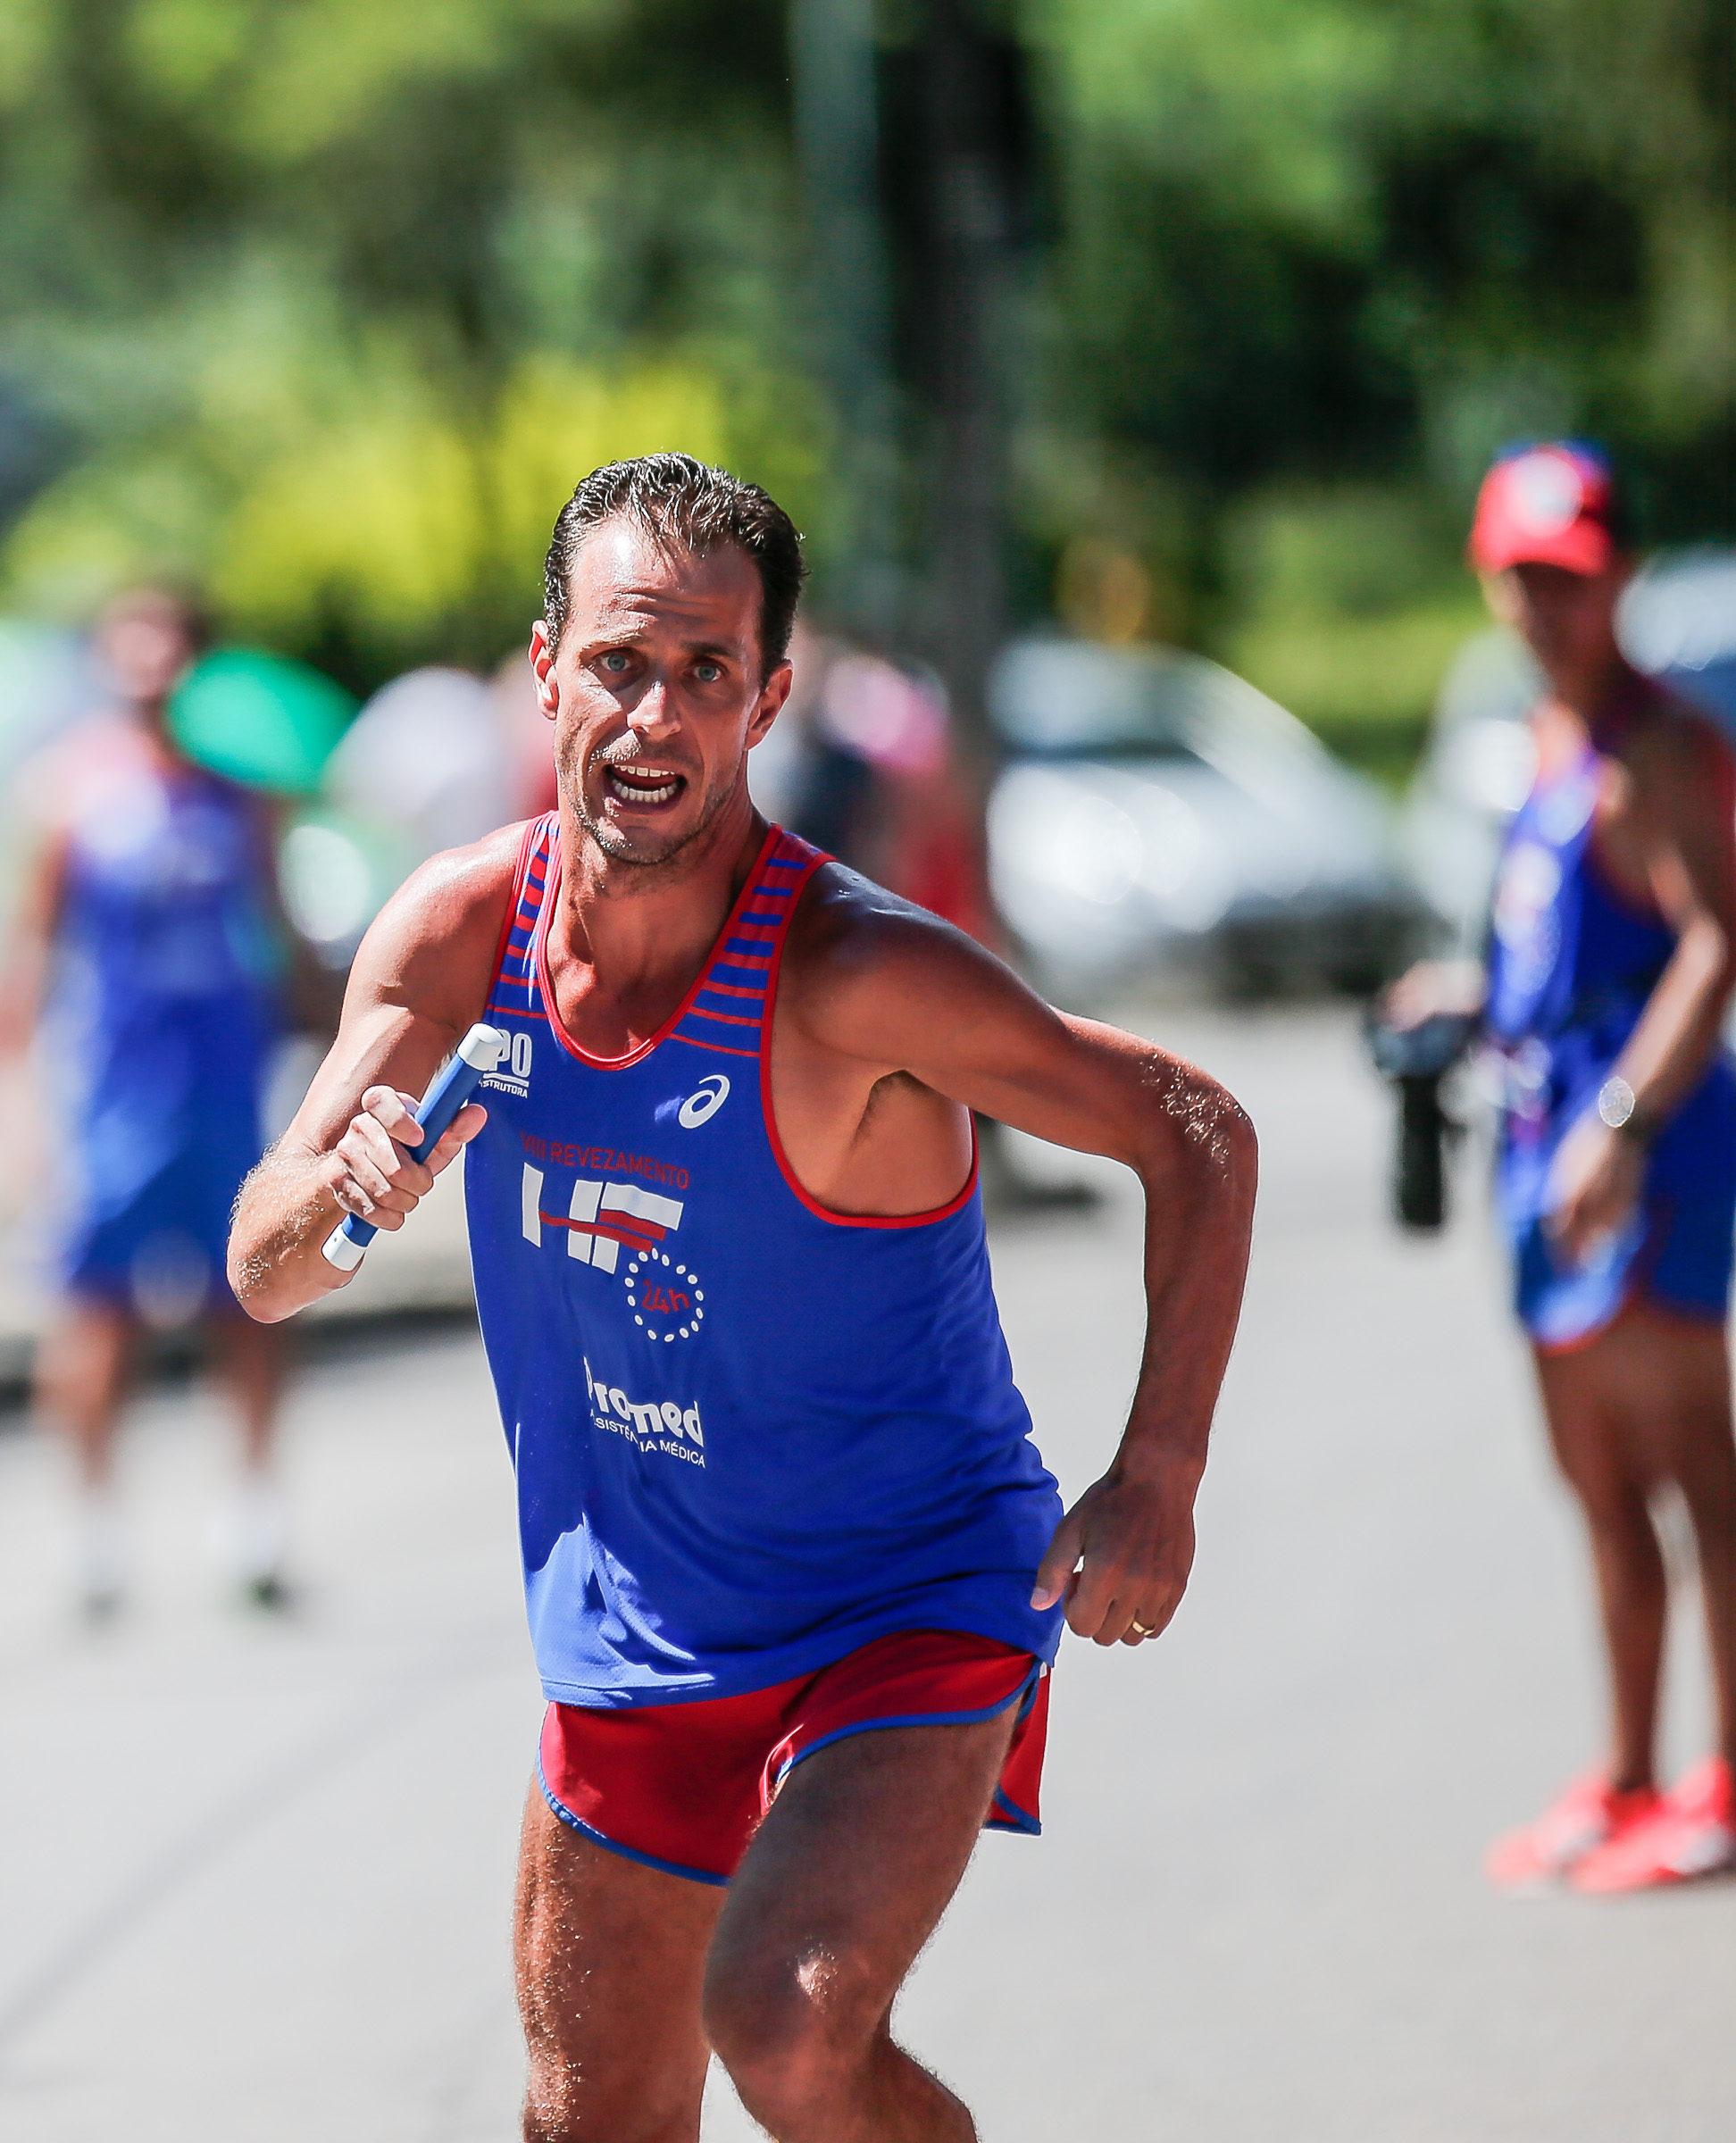 A corrida, por Volnei Prado